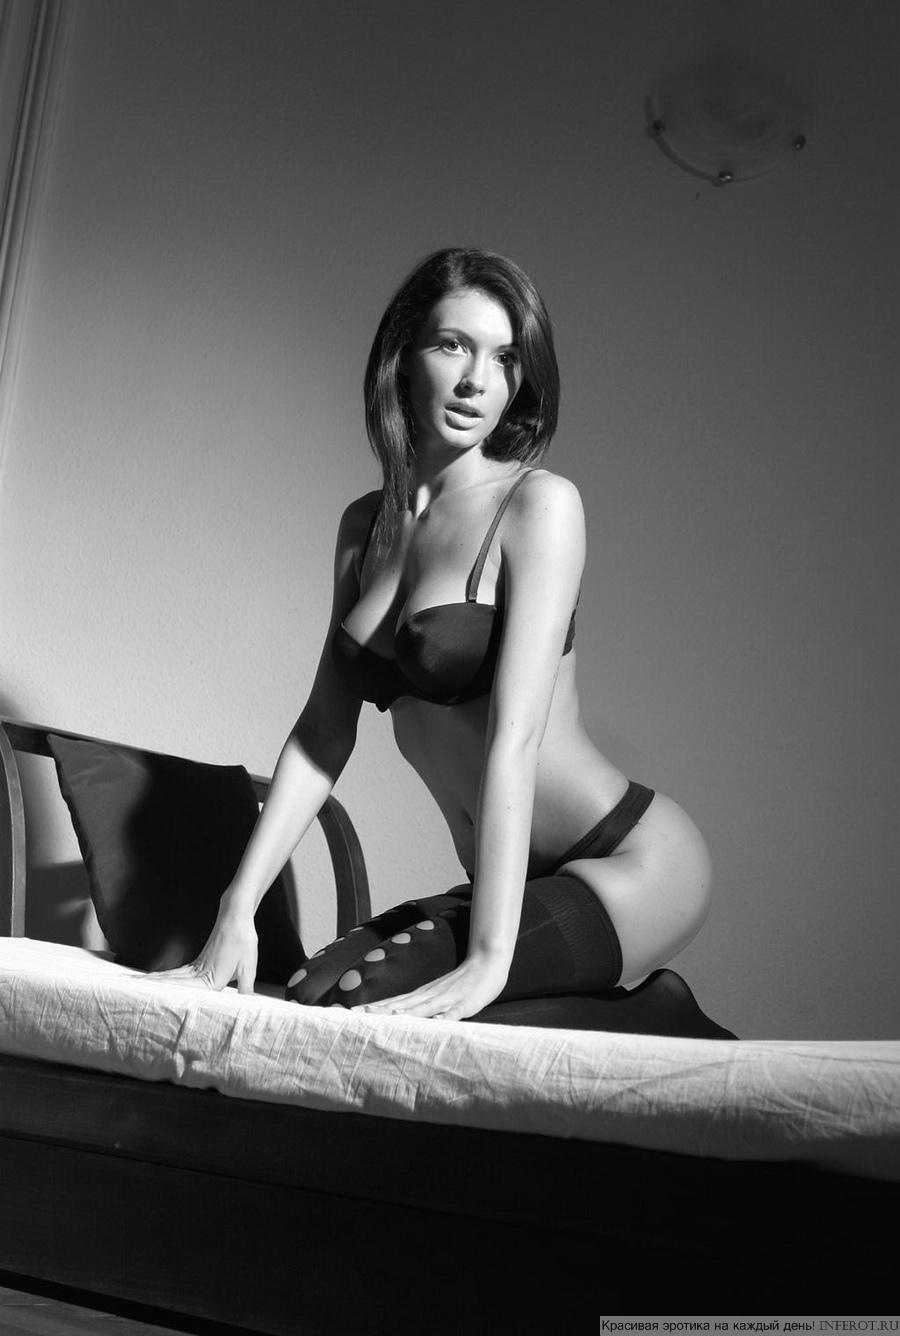 Черно-белая эротика полногрудой девушки (20 фото)